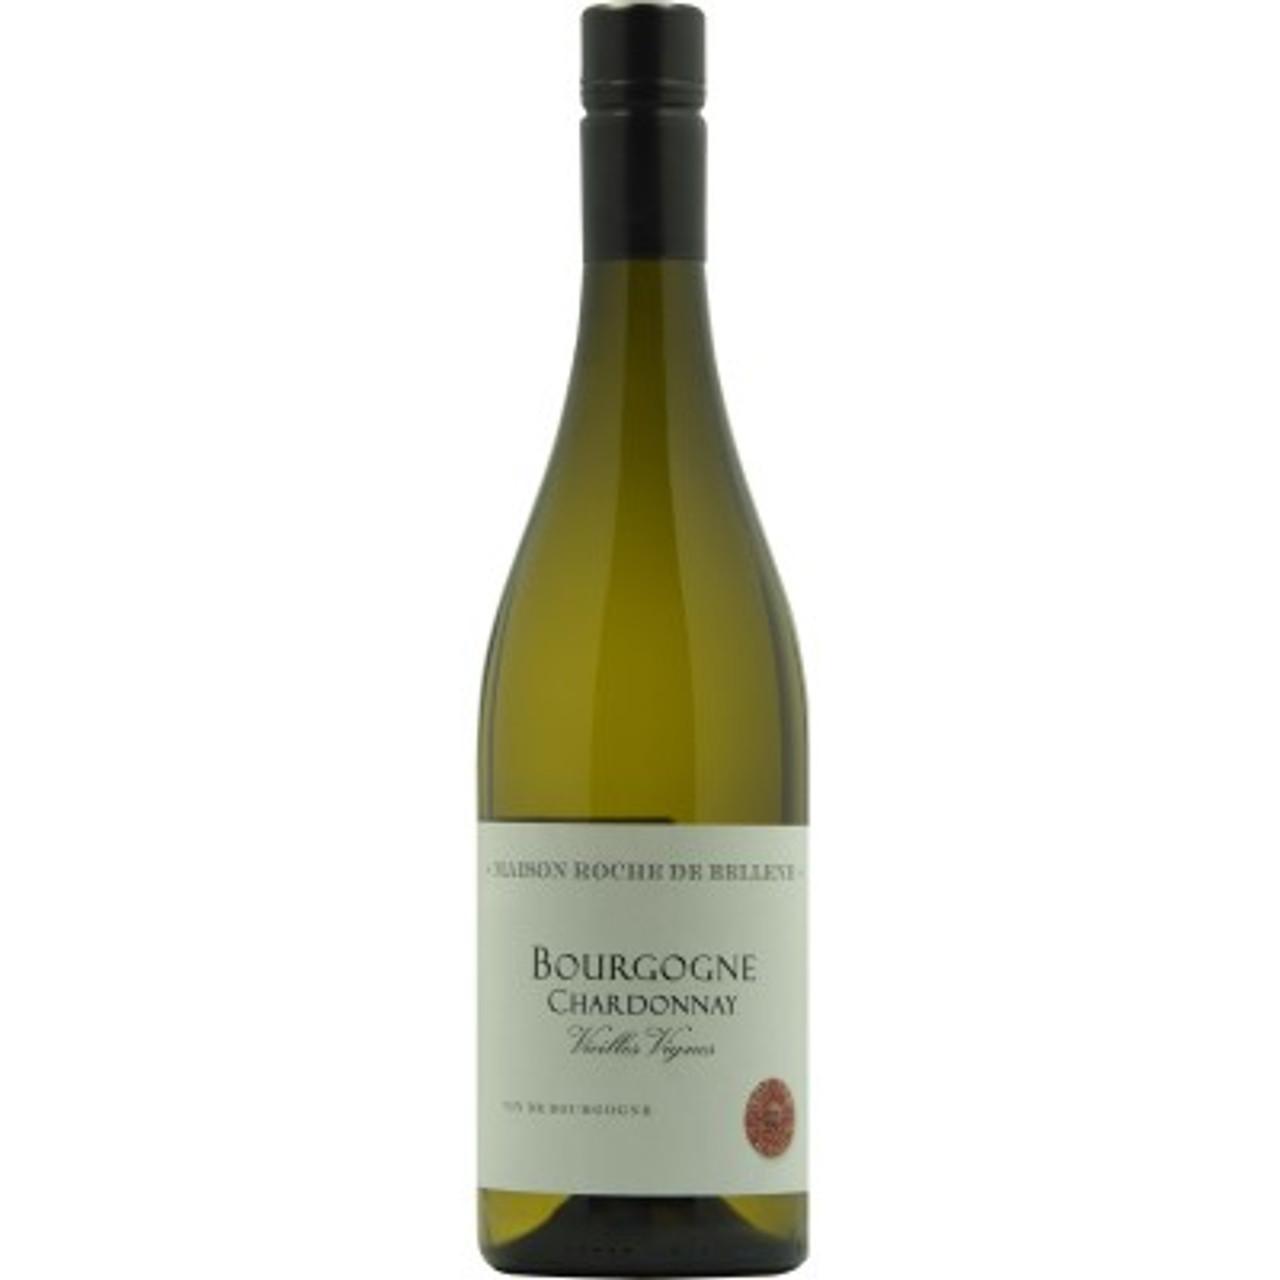 Maison Roche de Bellene, Bourgogne Chardonnay Vieilles Vignes 2017